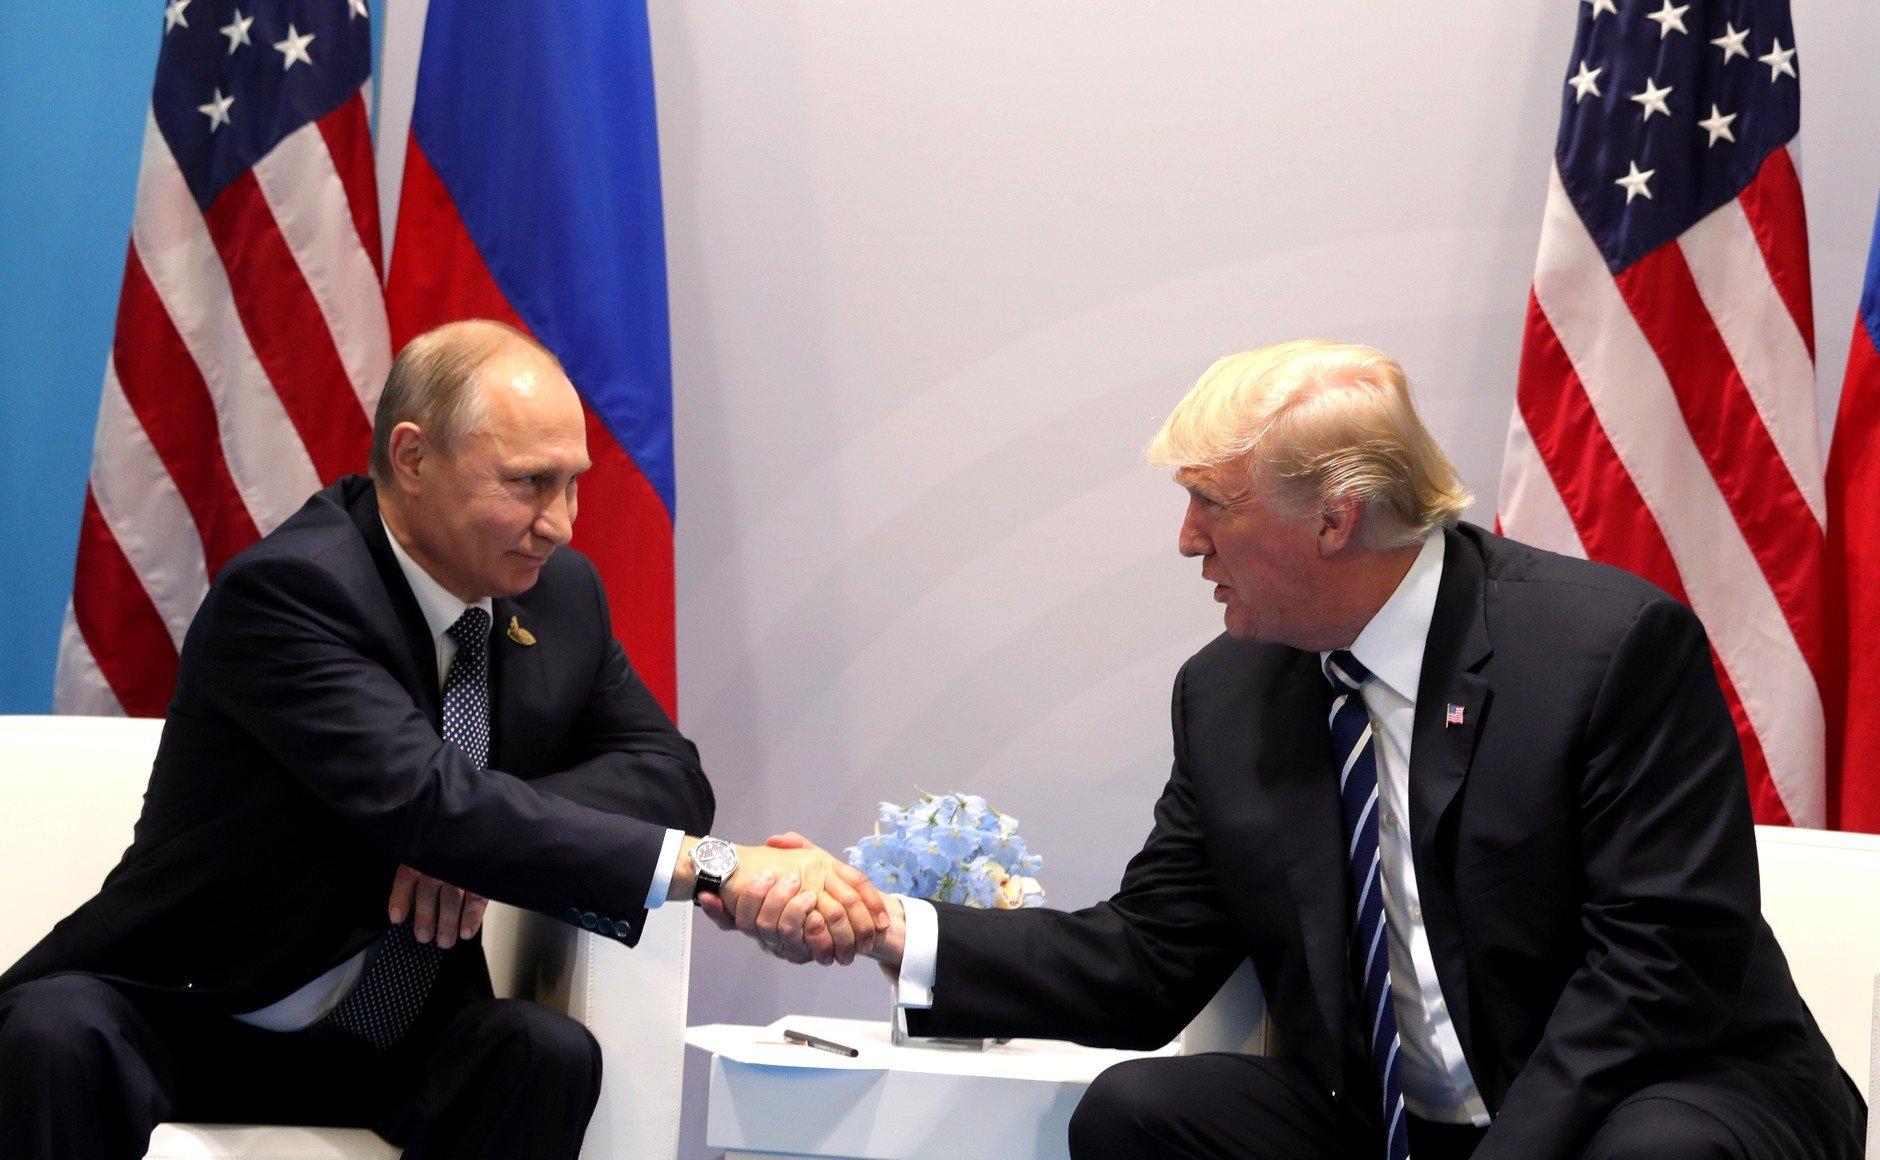 Перед инаугурацией Трампу показали досье о«вмешательстве» РФввыборы